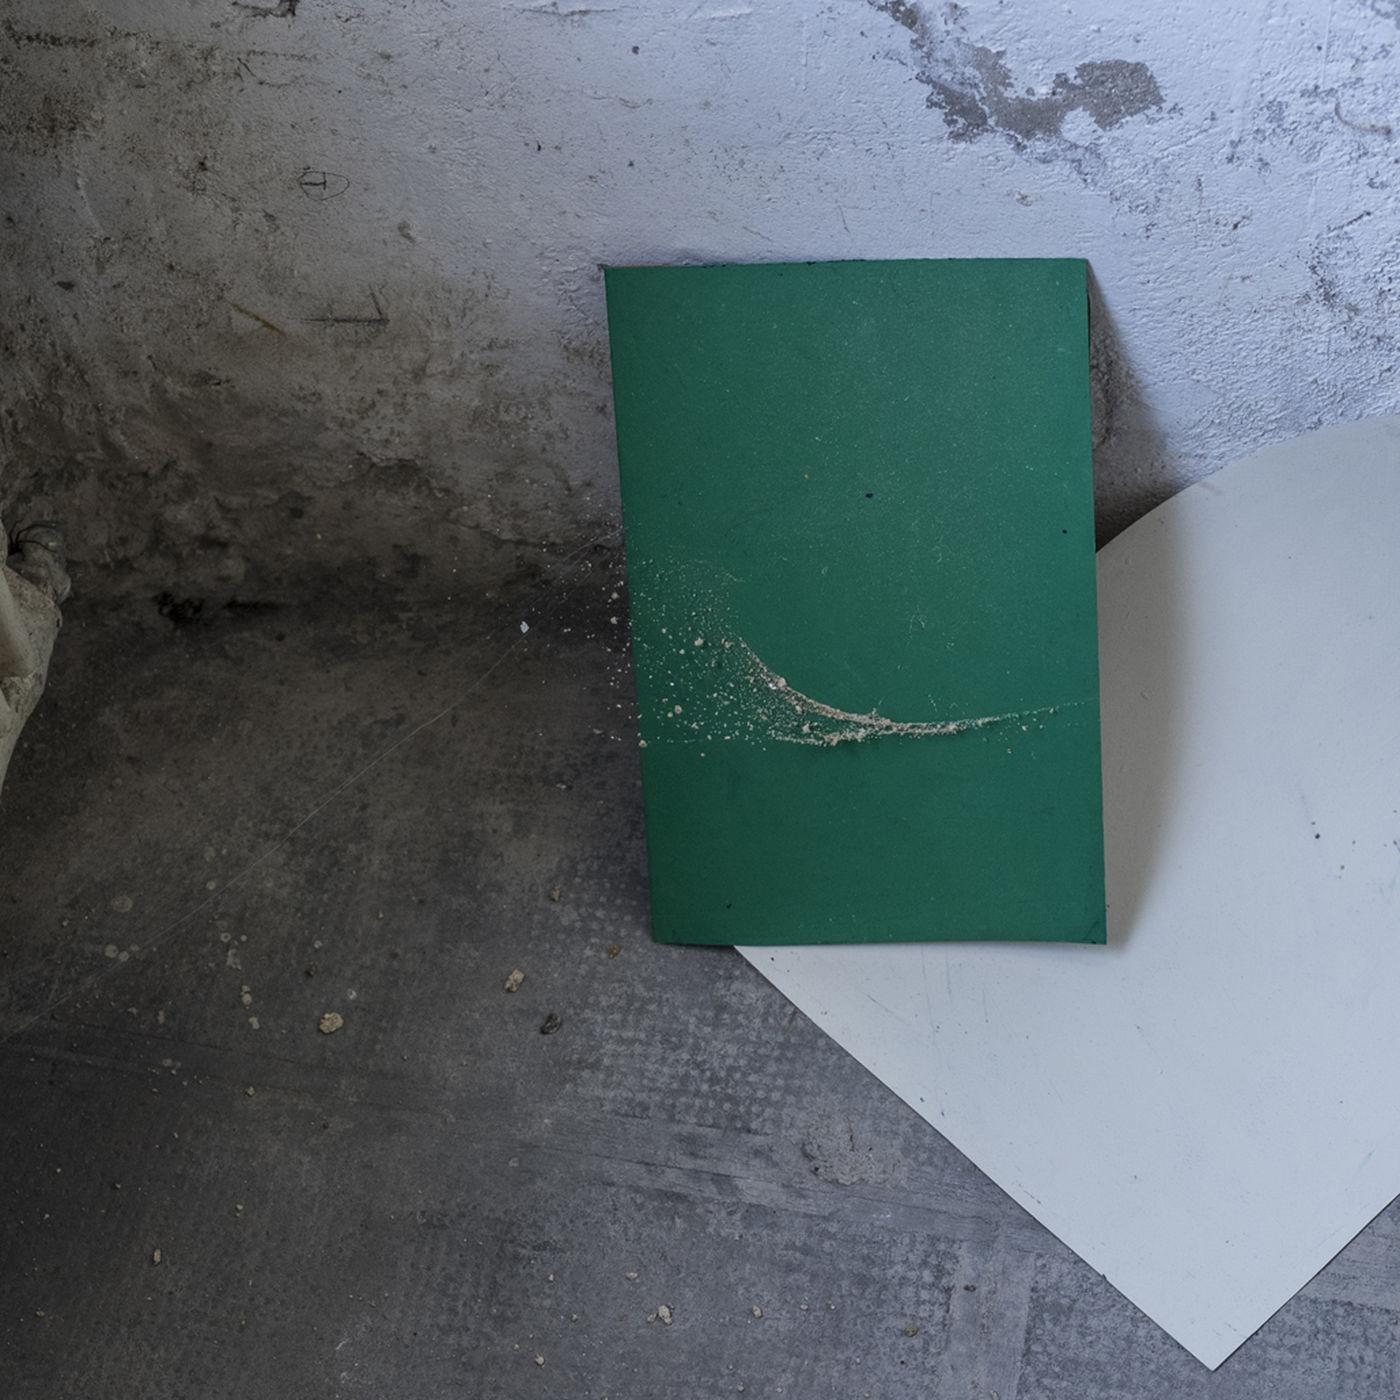 « Dit _ je n'ai jamais été jusqu'à ce point où le riz est trop cuit » (détail)_Shqipe Gashi_Architropismes_ Les Moulins de Paillard 2016_© FF_02